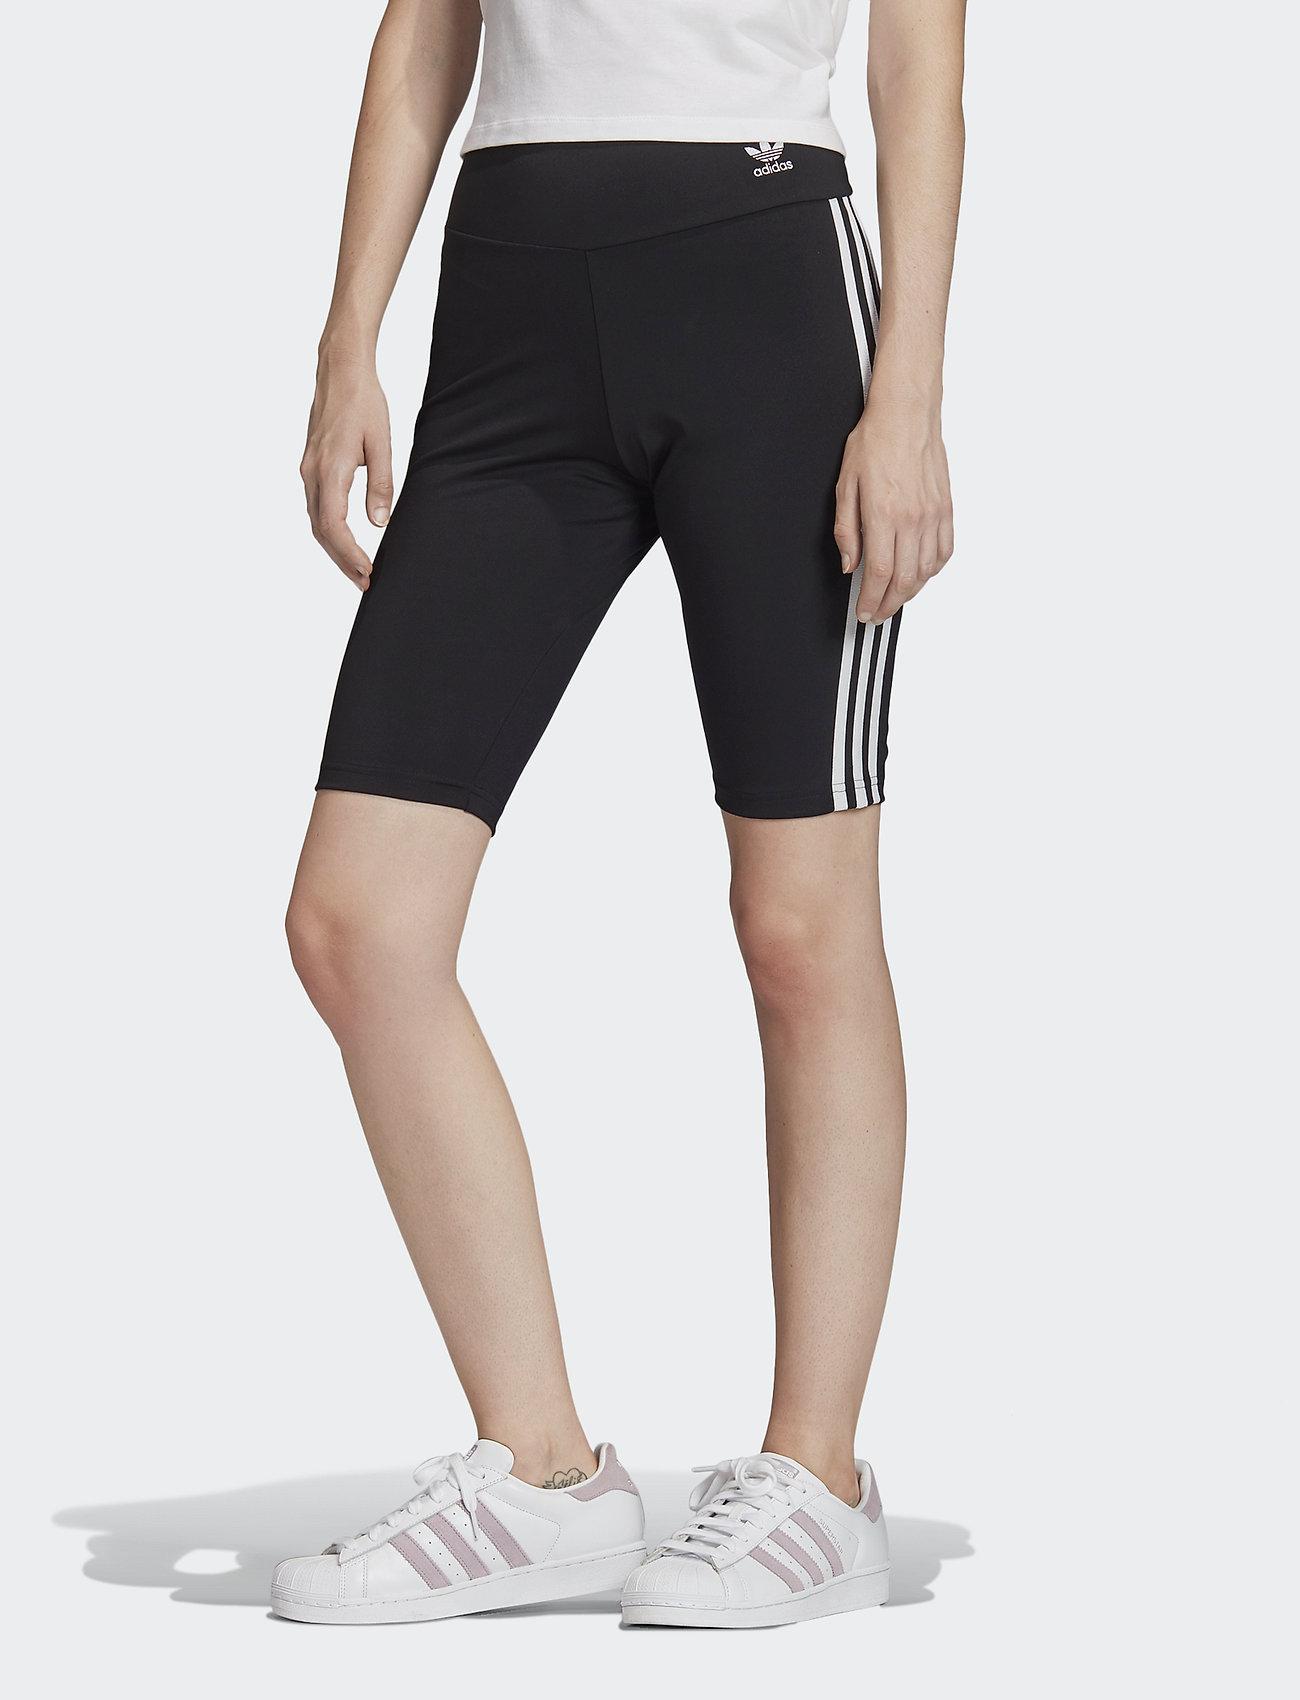 adidas Originals - SHORT TIGHTS - träningsshorts - black/white - 0